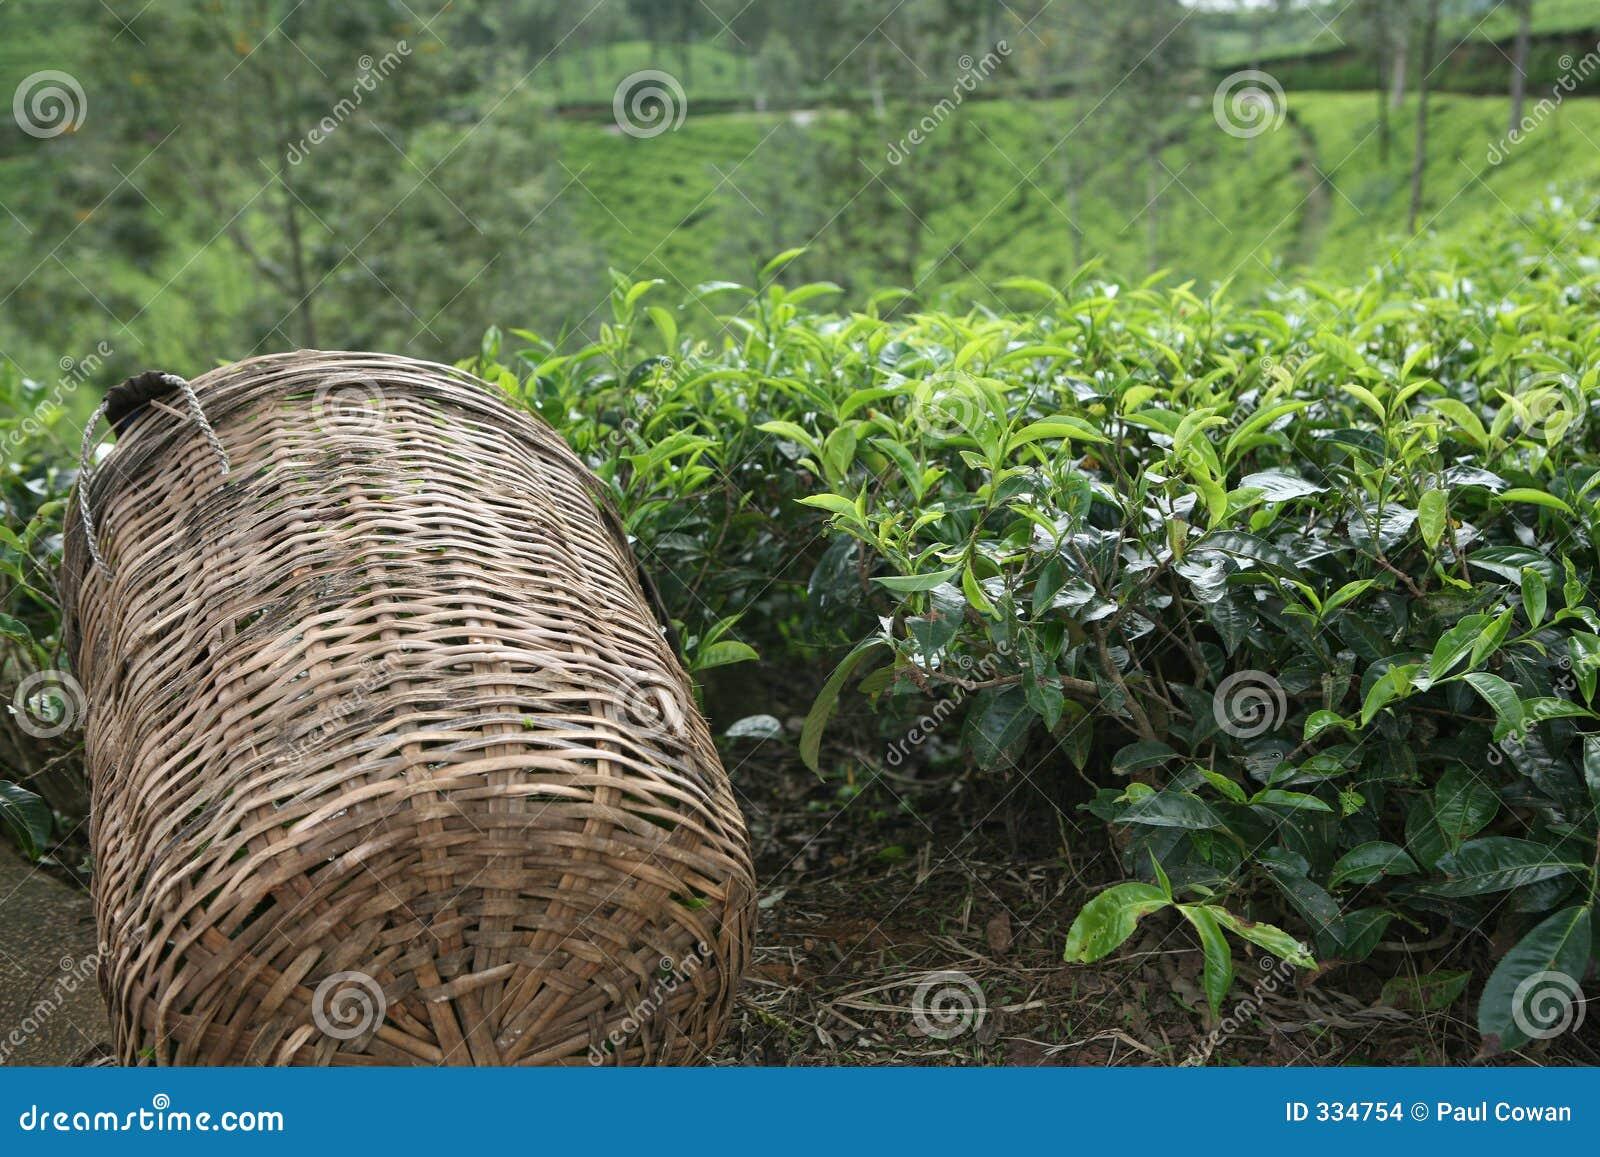 Tea picker s basket